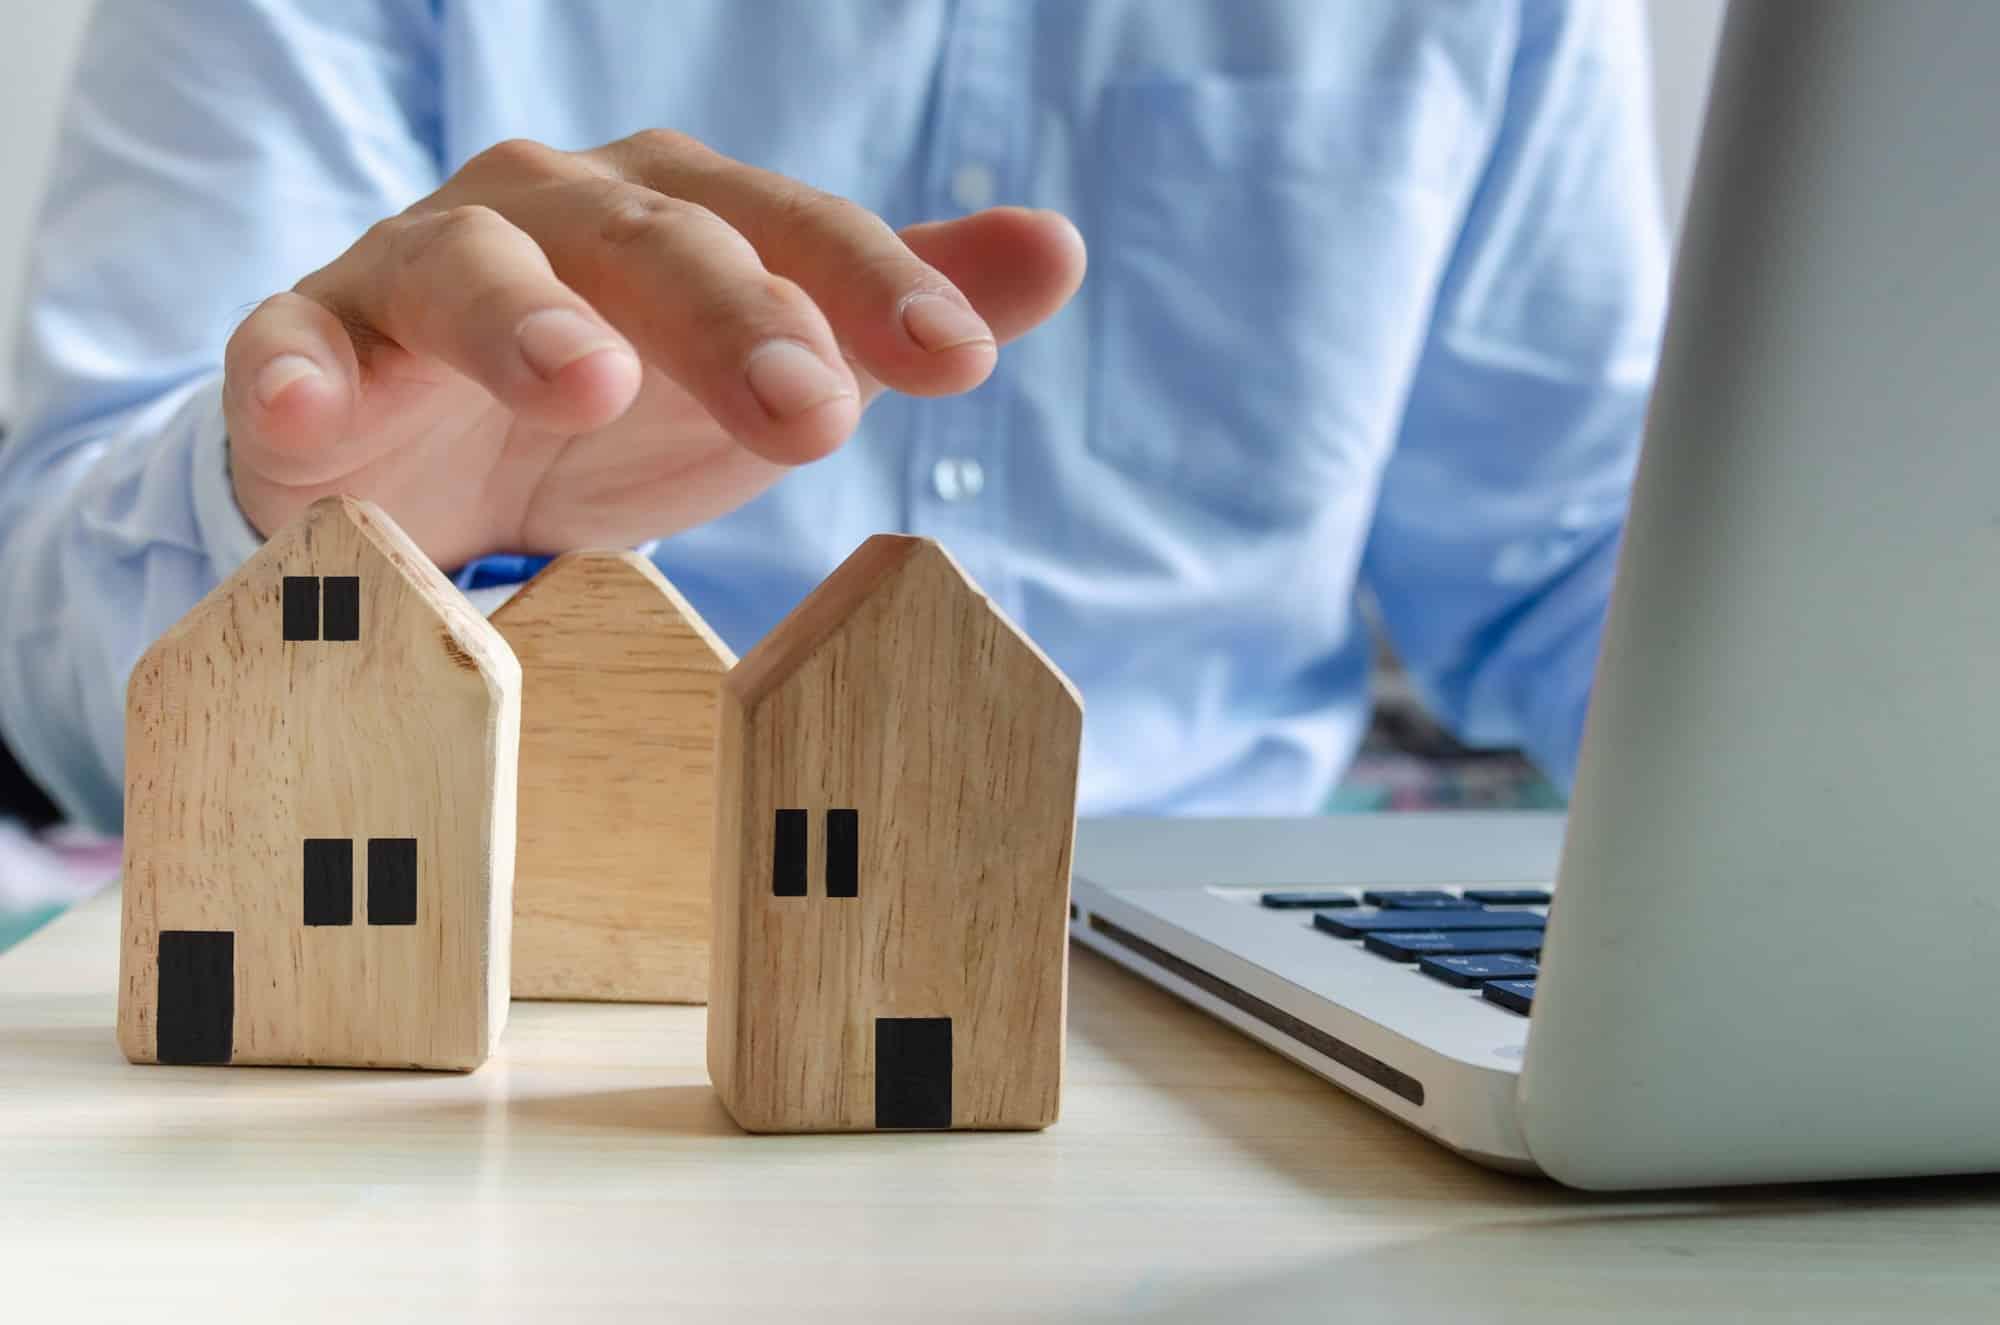 Comment rédiger une lettre de résiliation d'assurance habitation